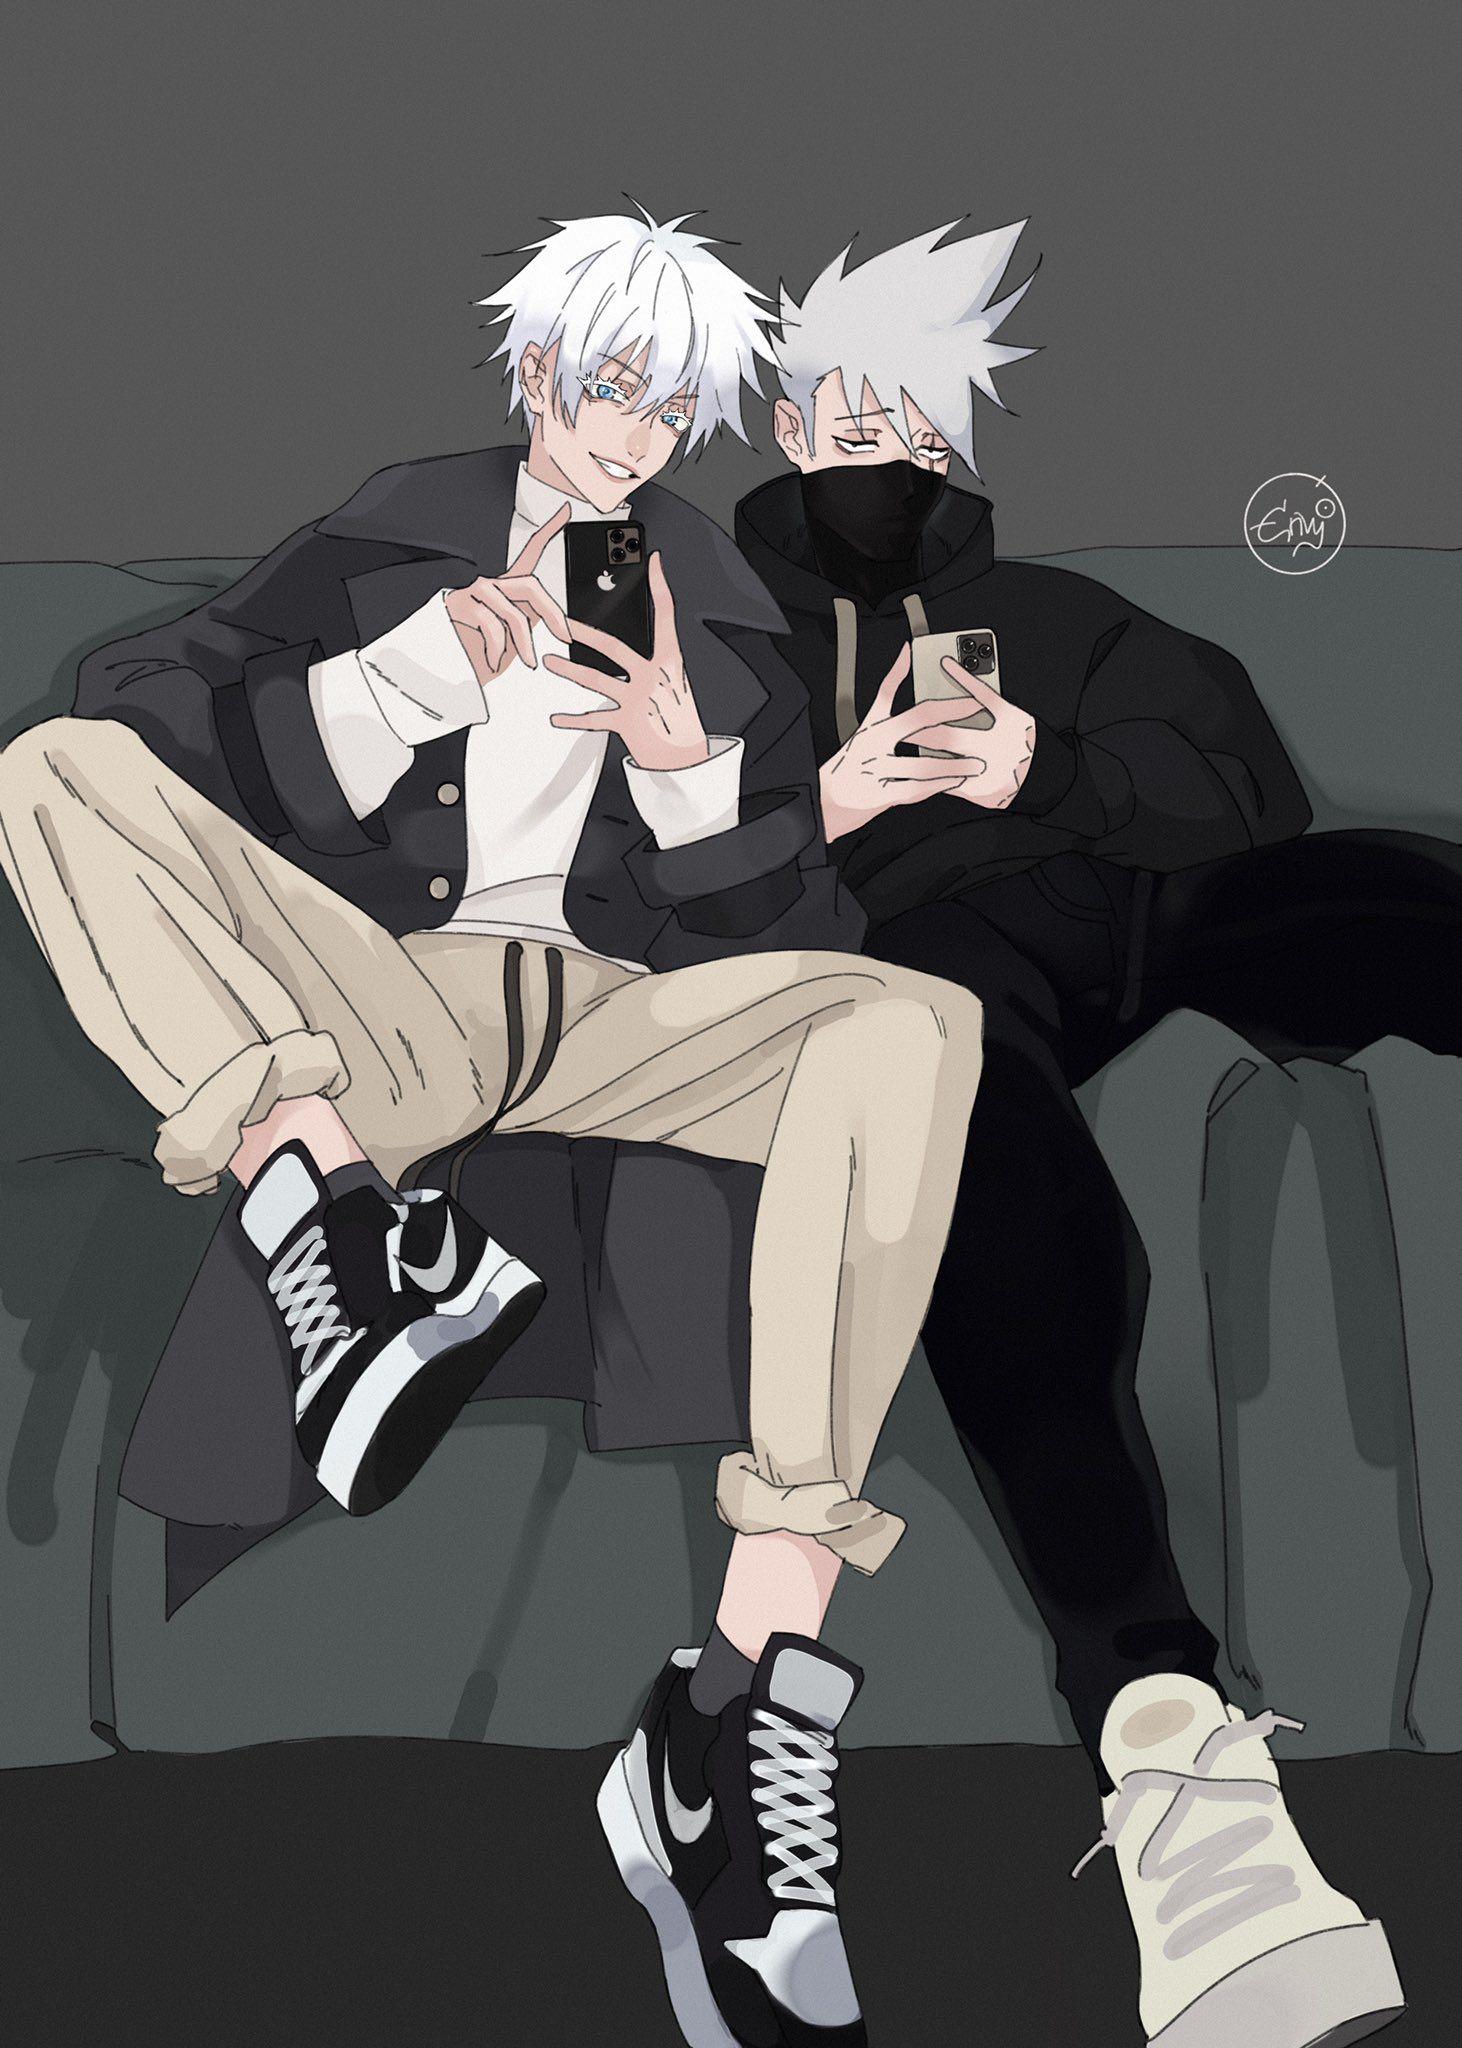 Envy04 On Twitter Anime Crossover Haikyuu Anime Jujutsu